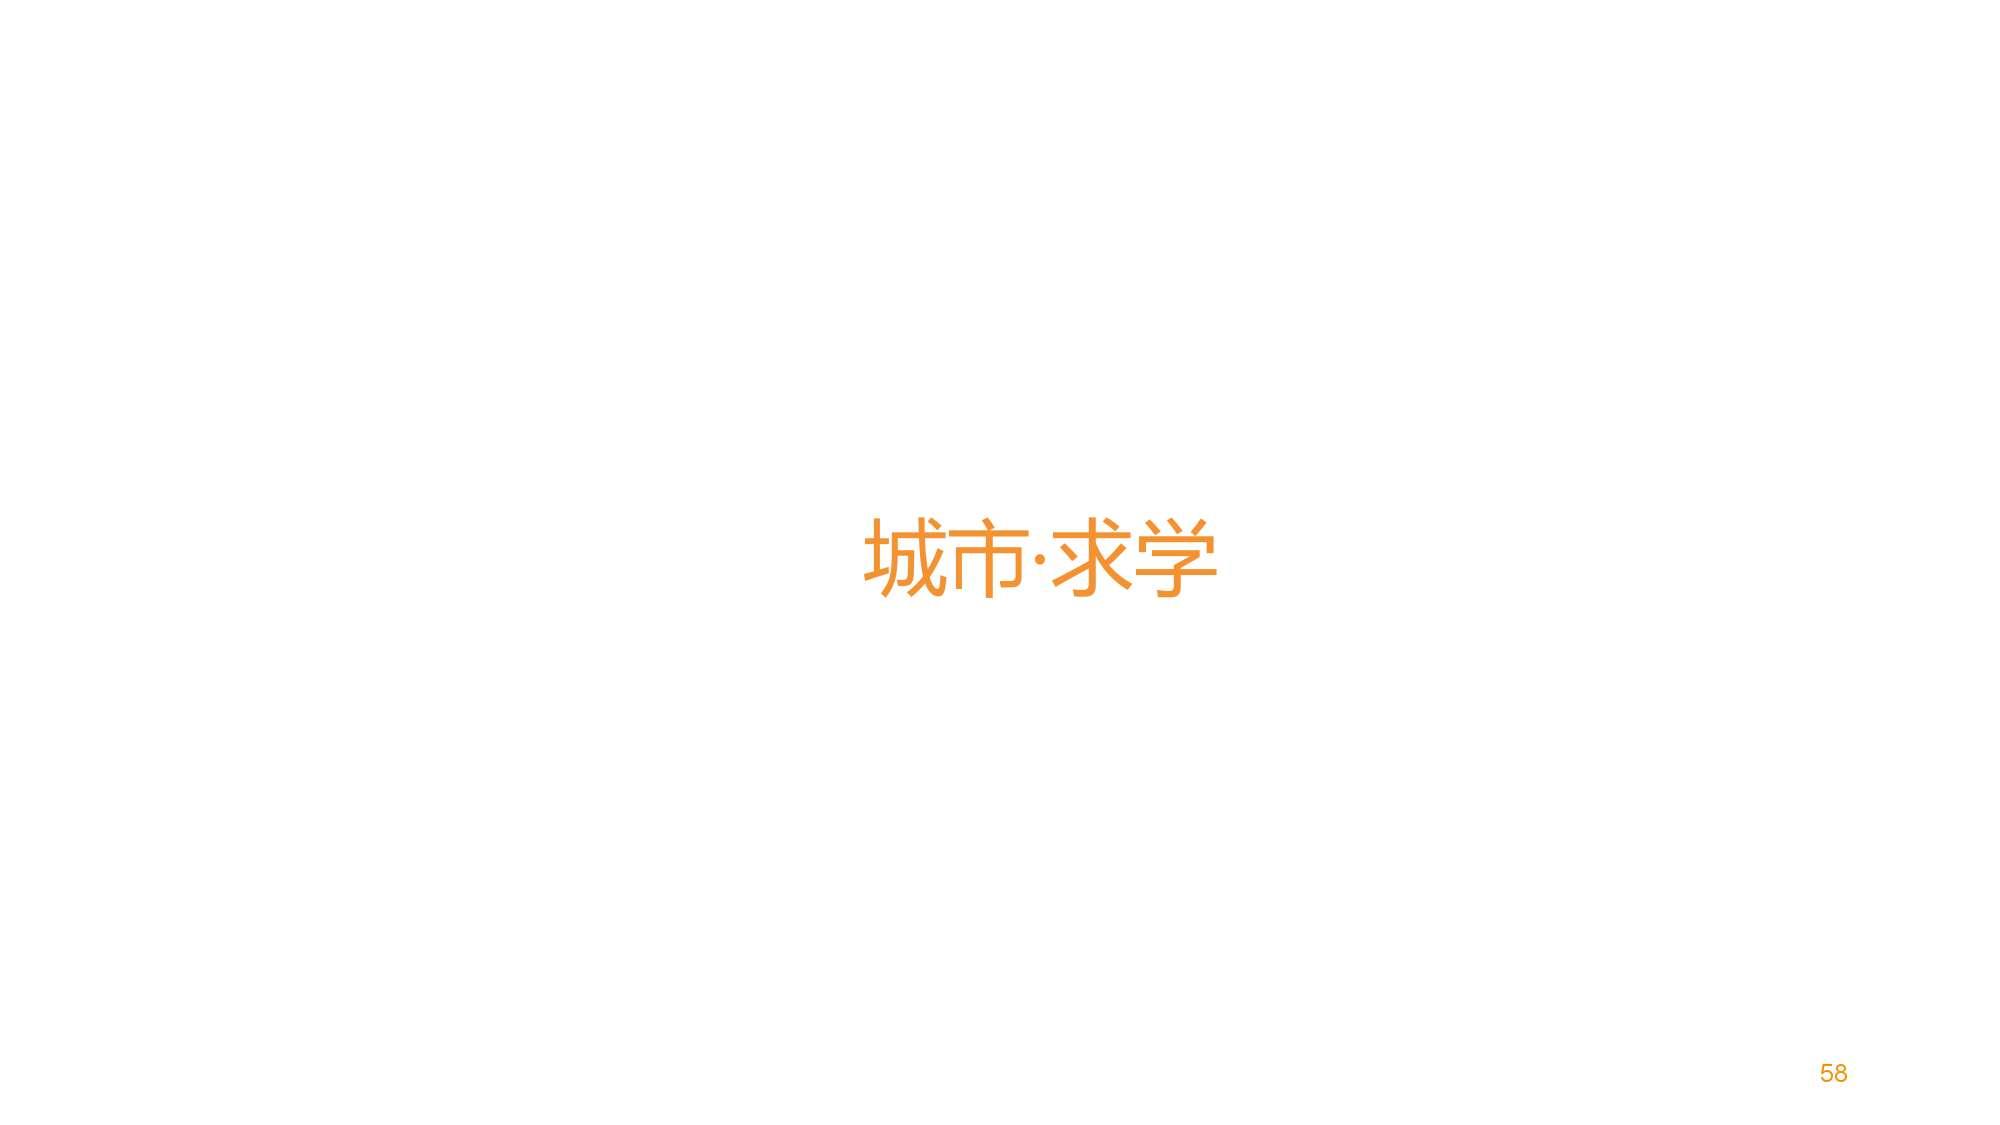 中国智能出行2015大数据报告_000059